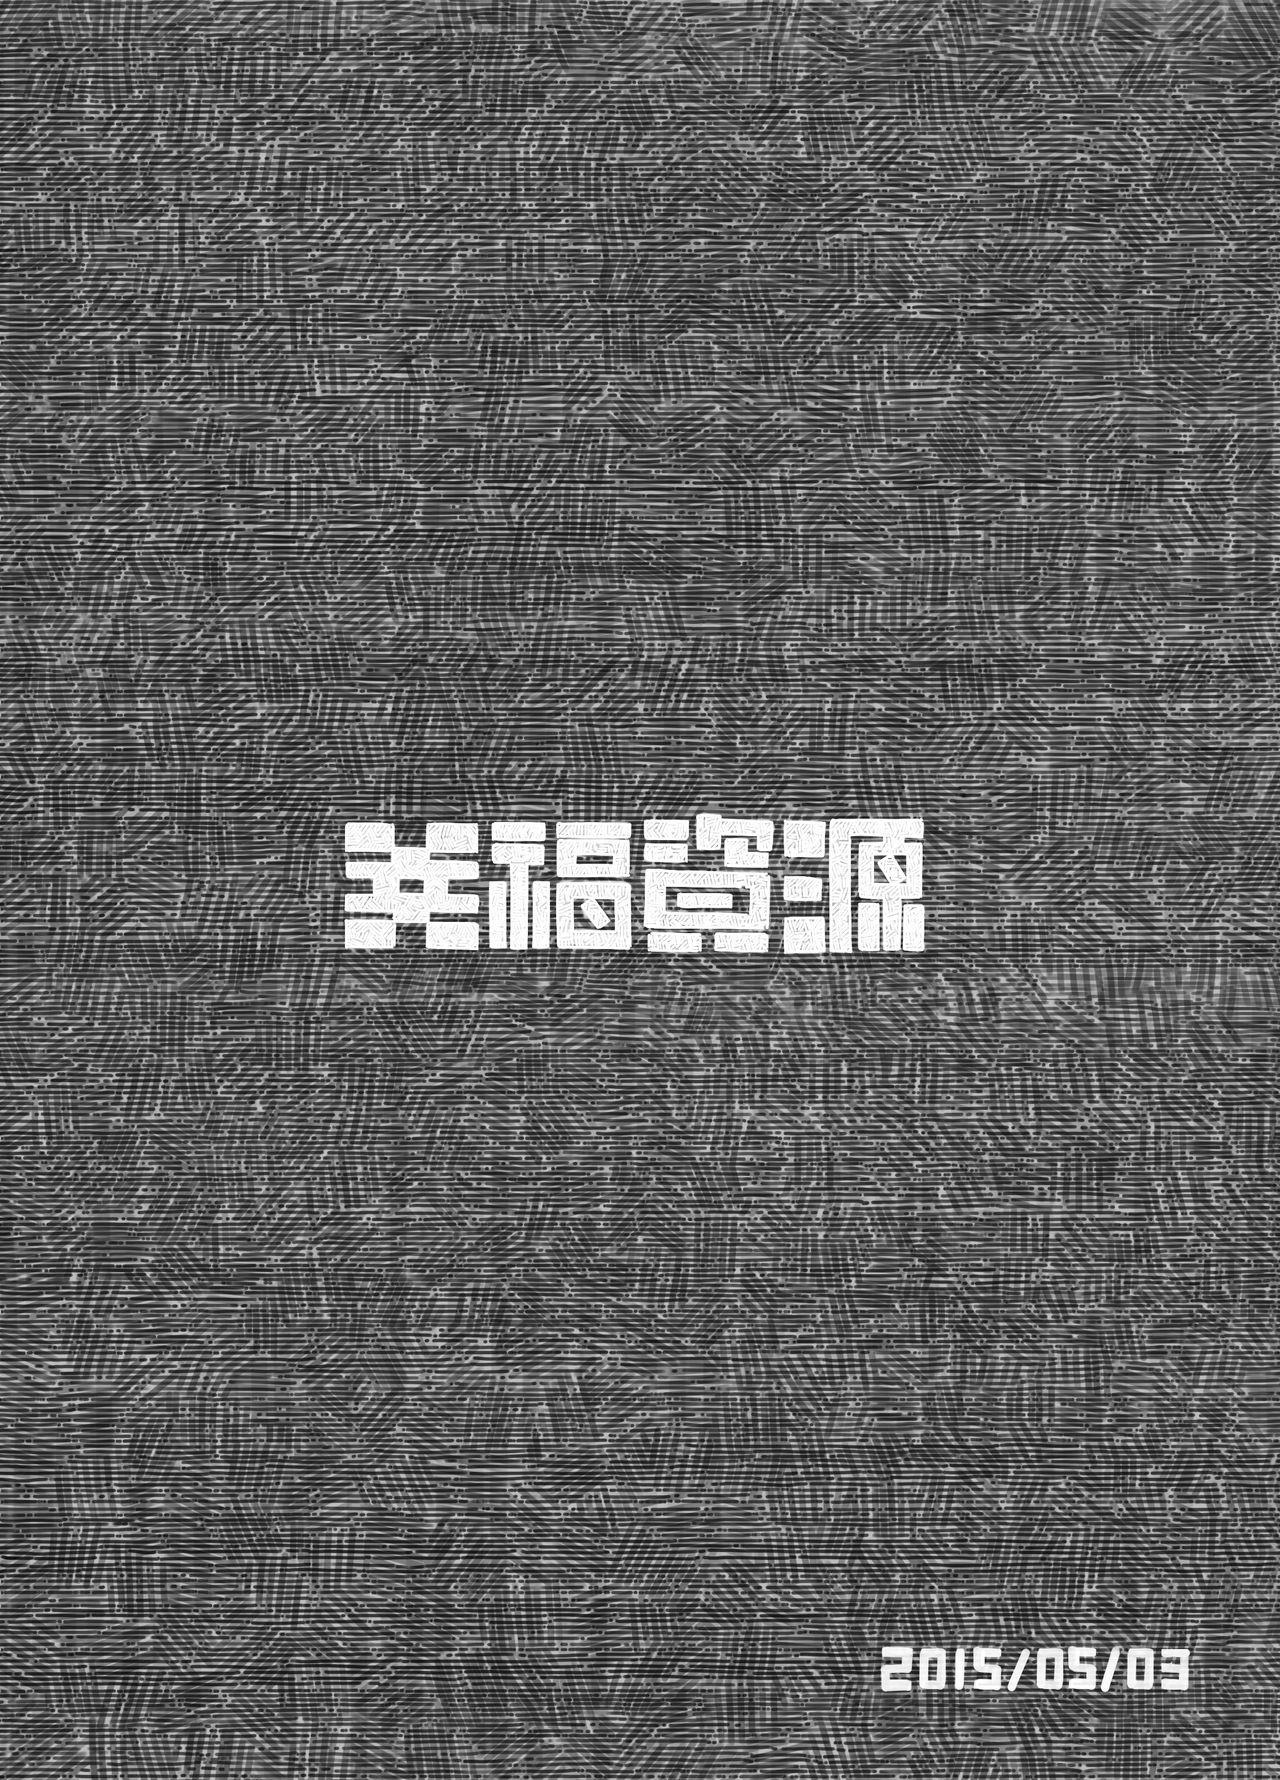 Juuzoku no Yorokobi 11